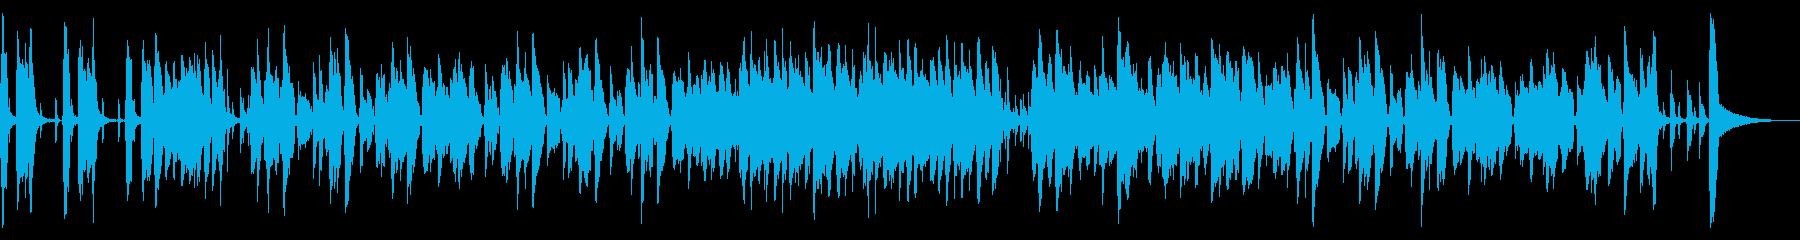 爽やかで軽快なポップジャズの再生済みの波形